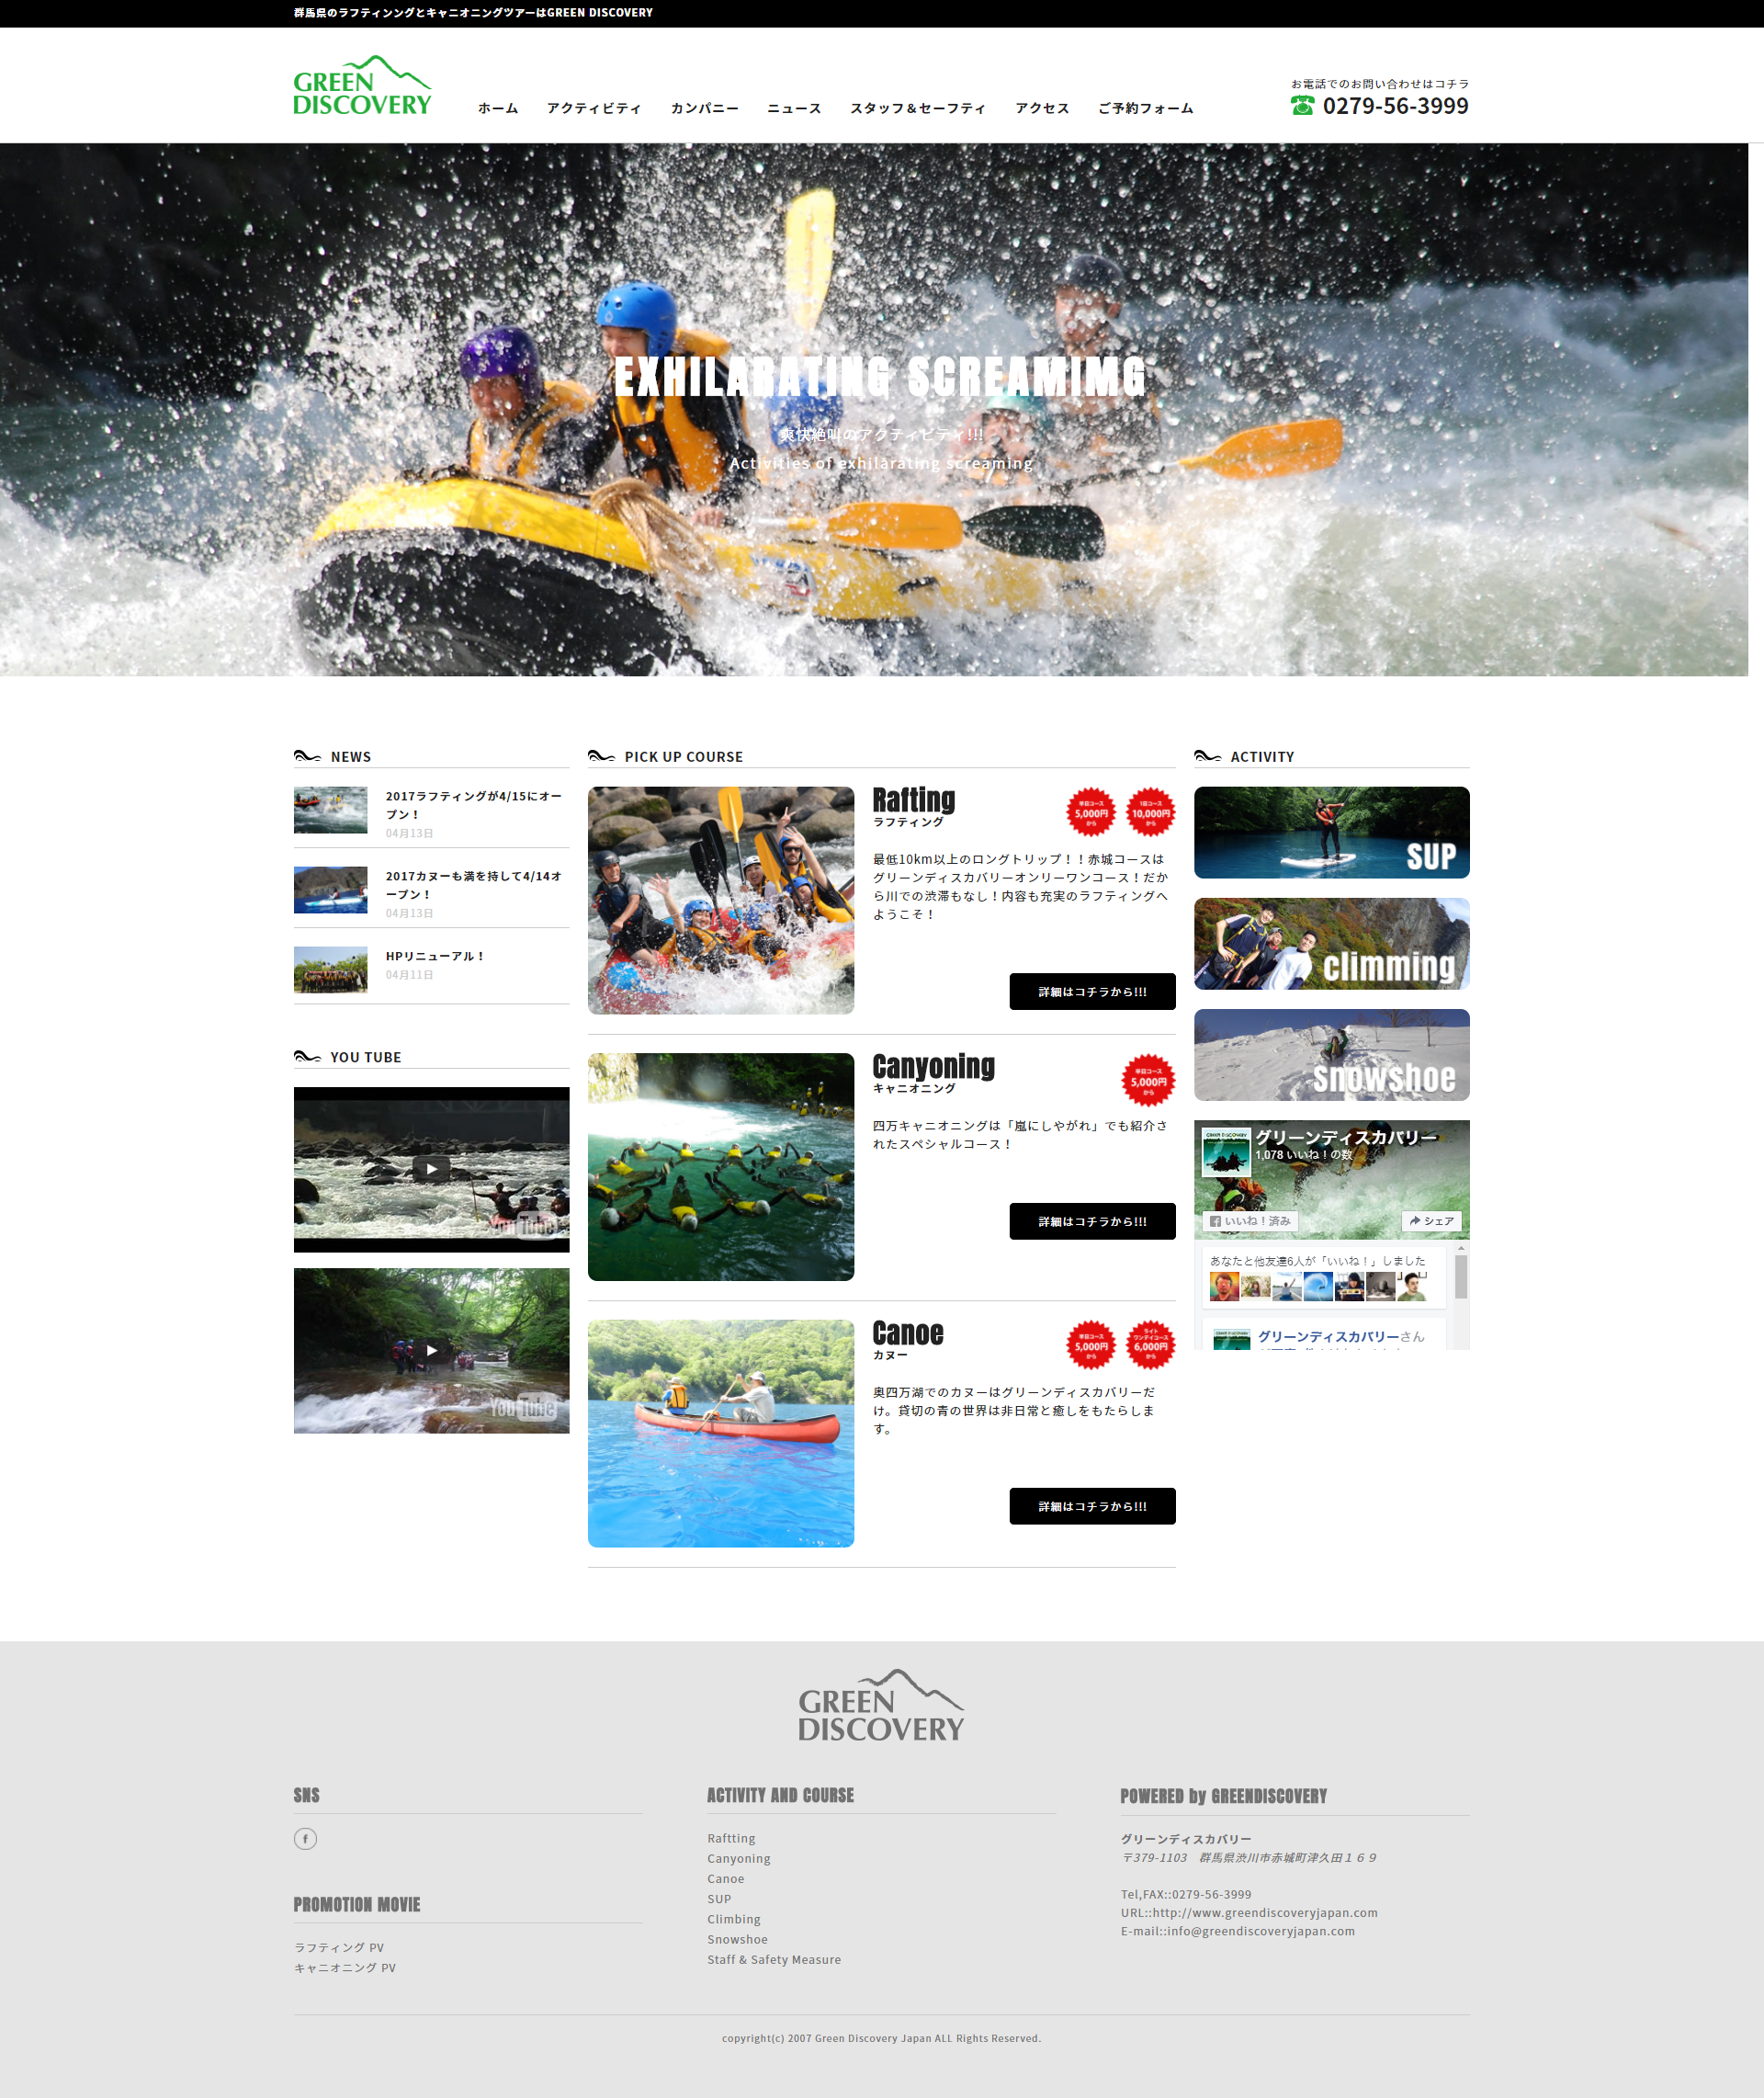 FireShot Capture 17 - ラフティングは関東・利根川のグリーンディスカバリー! I 群馬県のラフティンン_ - http___www.greendiscoveryjapan.com_